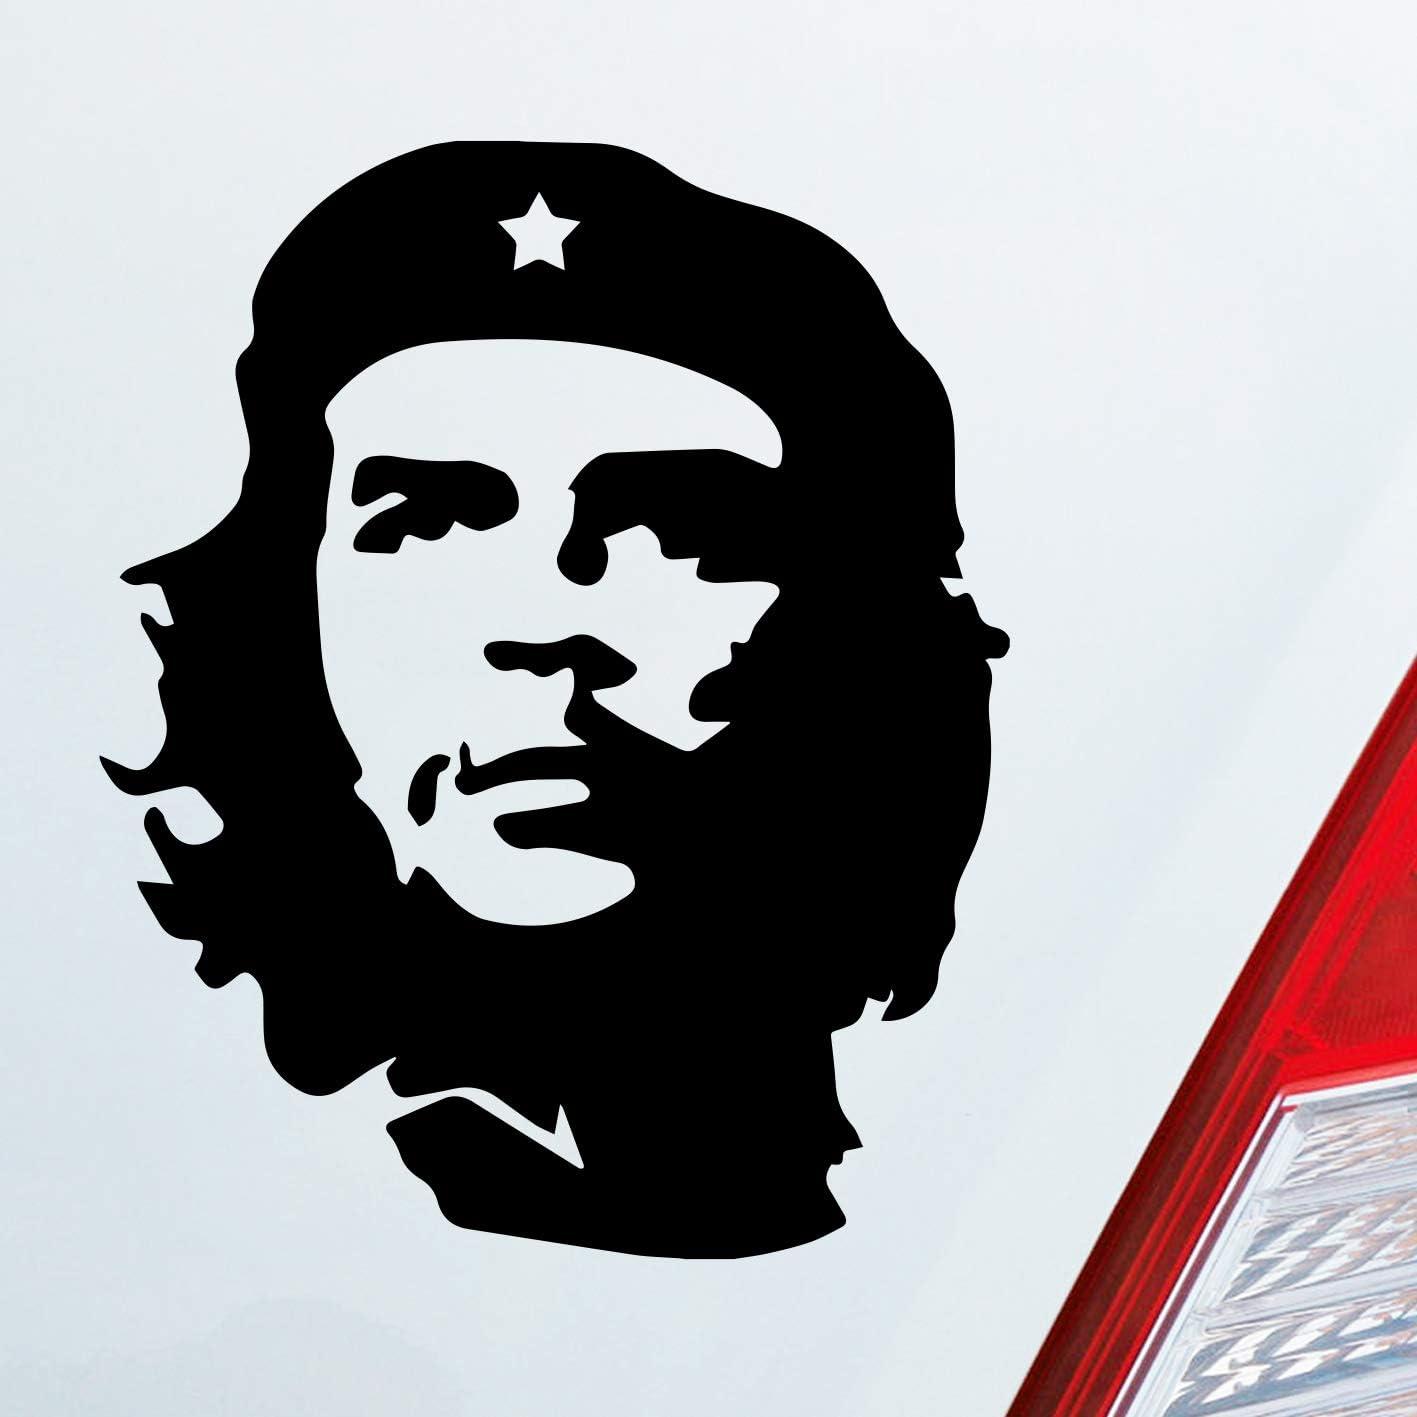 Auto Aufkleber In Deiner Wunschfarbe Che Guevara Guerillaführer 8x10cm Autoaufkleber Sticker Folie Auto